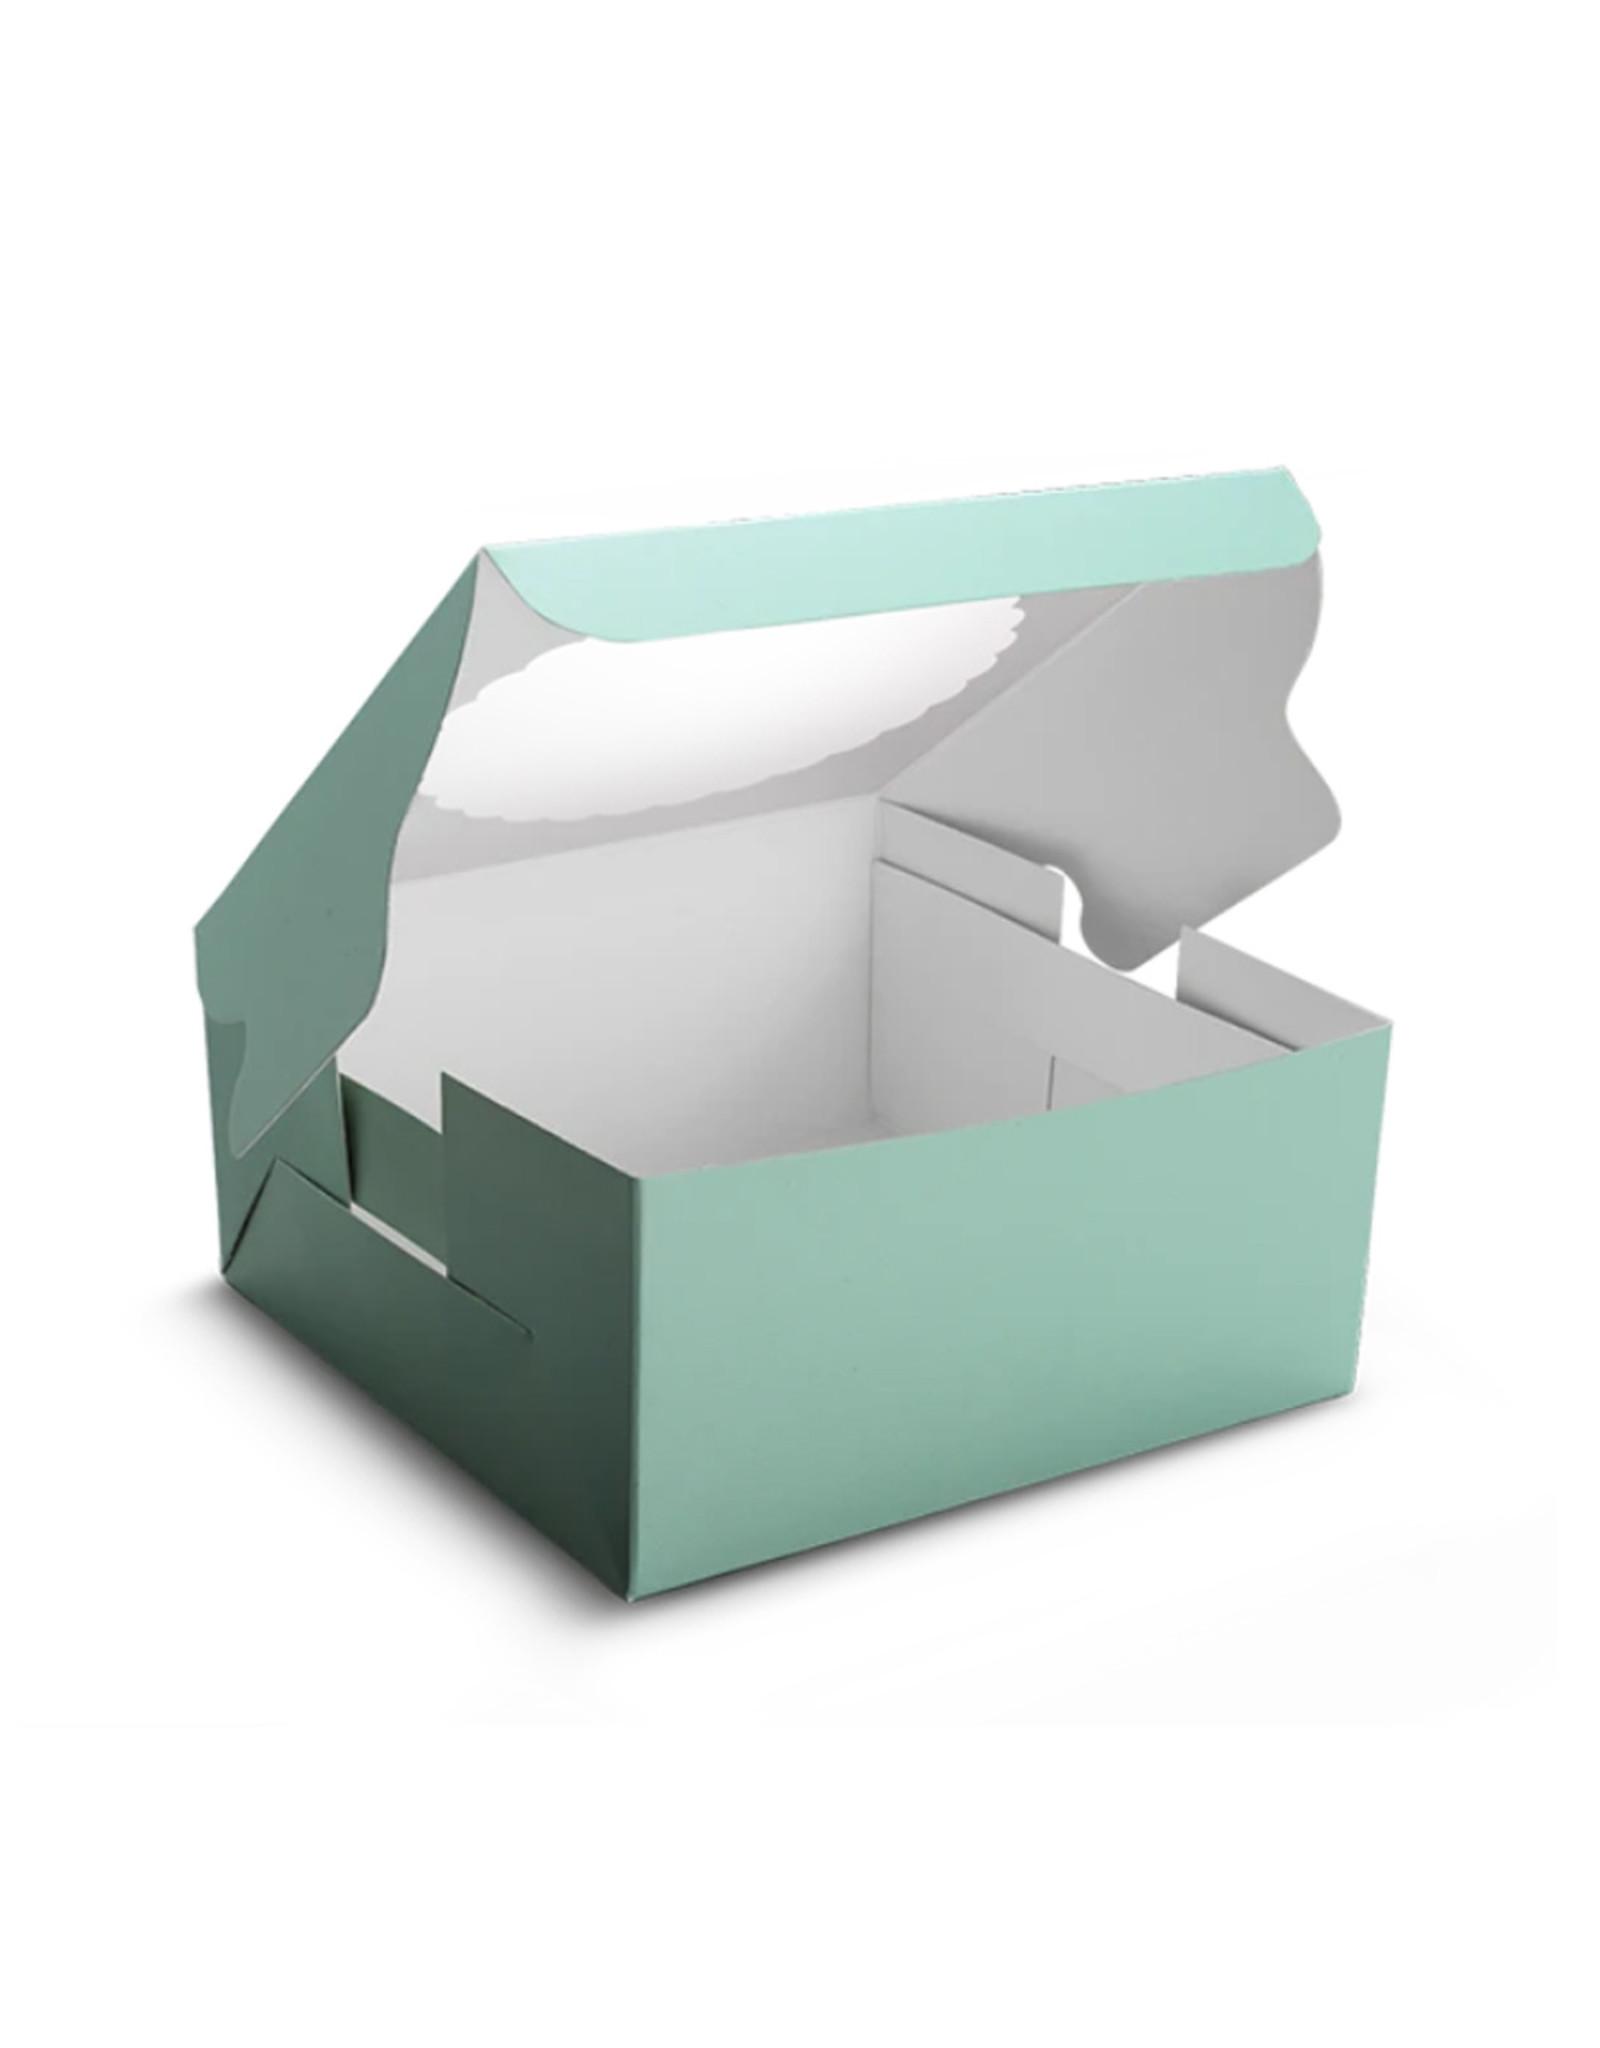 Mint window cake box - 203 x 203 x 127 mm (per 10 pieces)